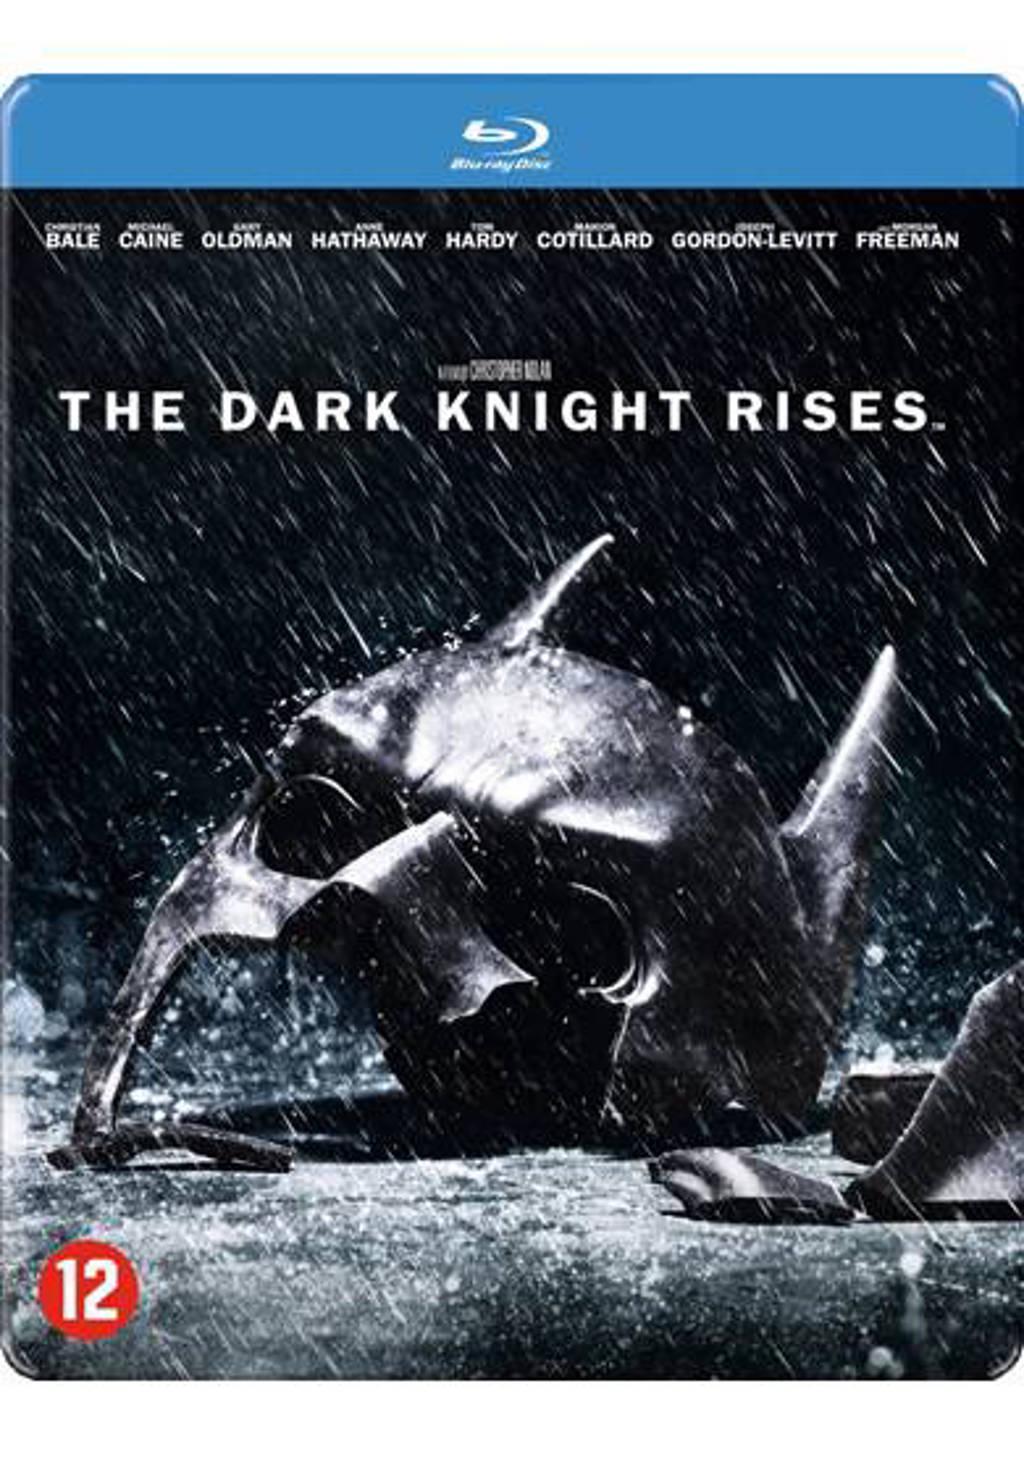 Dark knight rises (Steelbook) (Blu-ray)